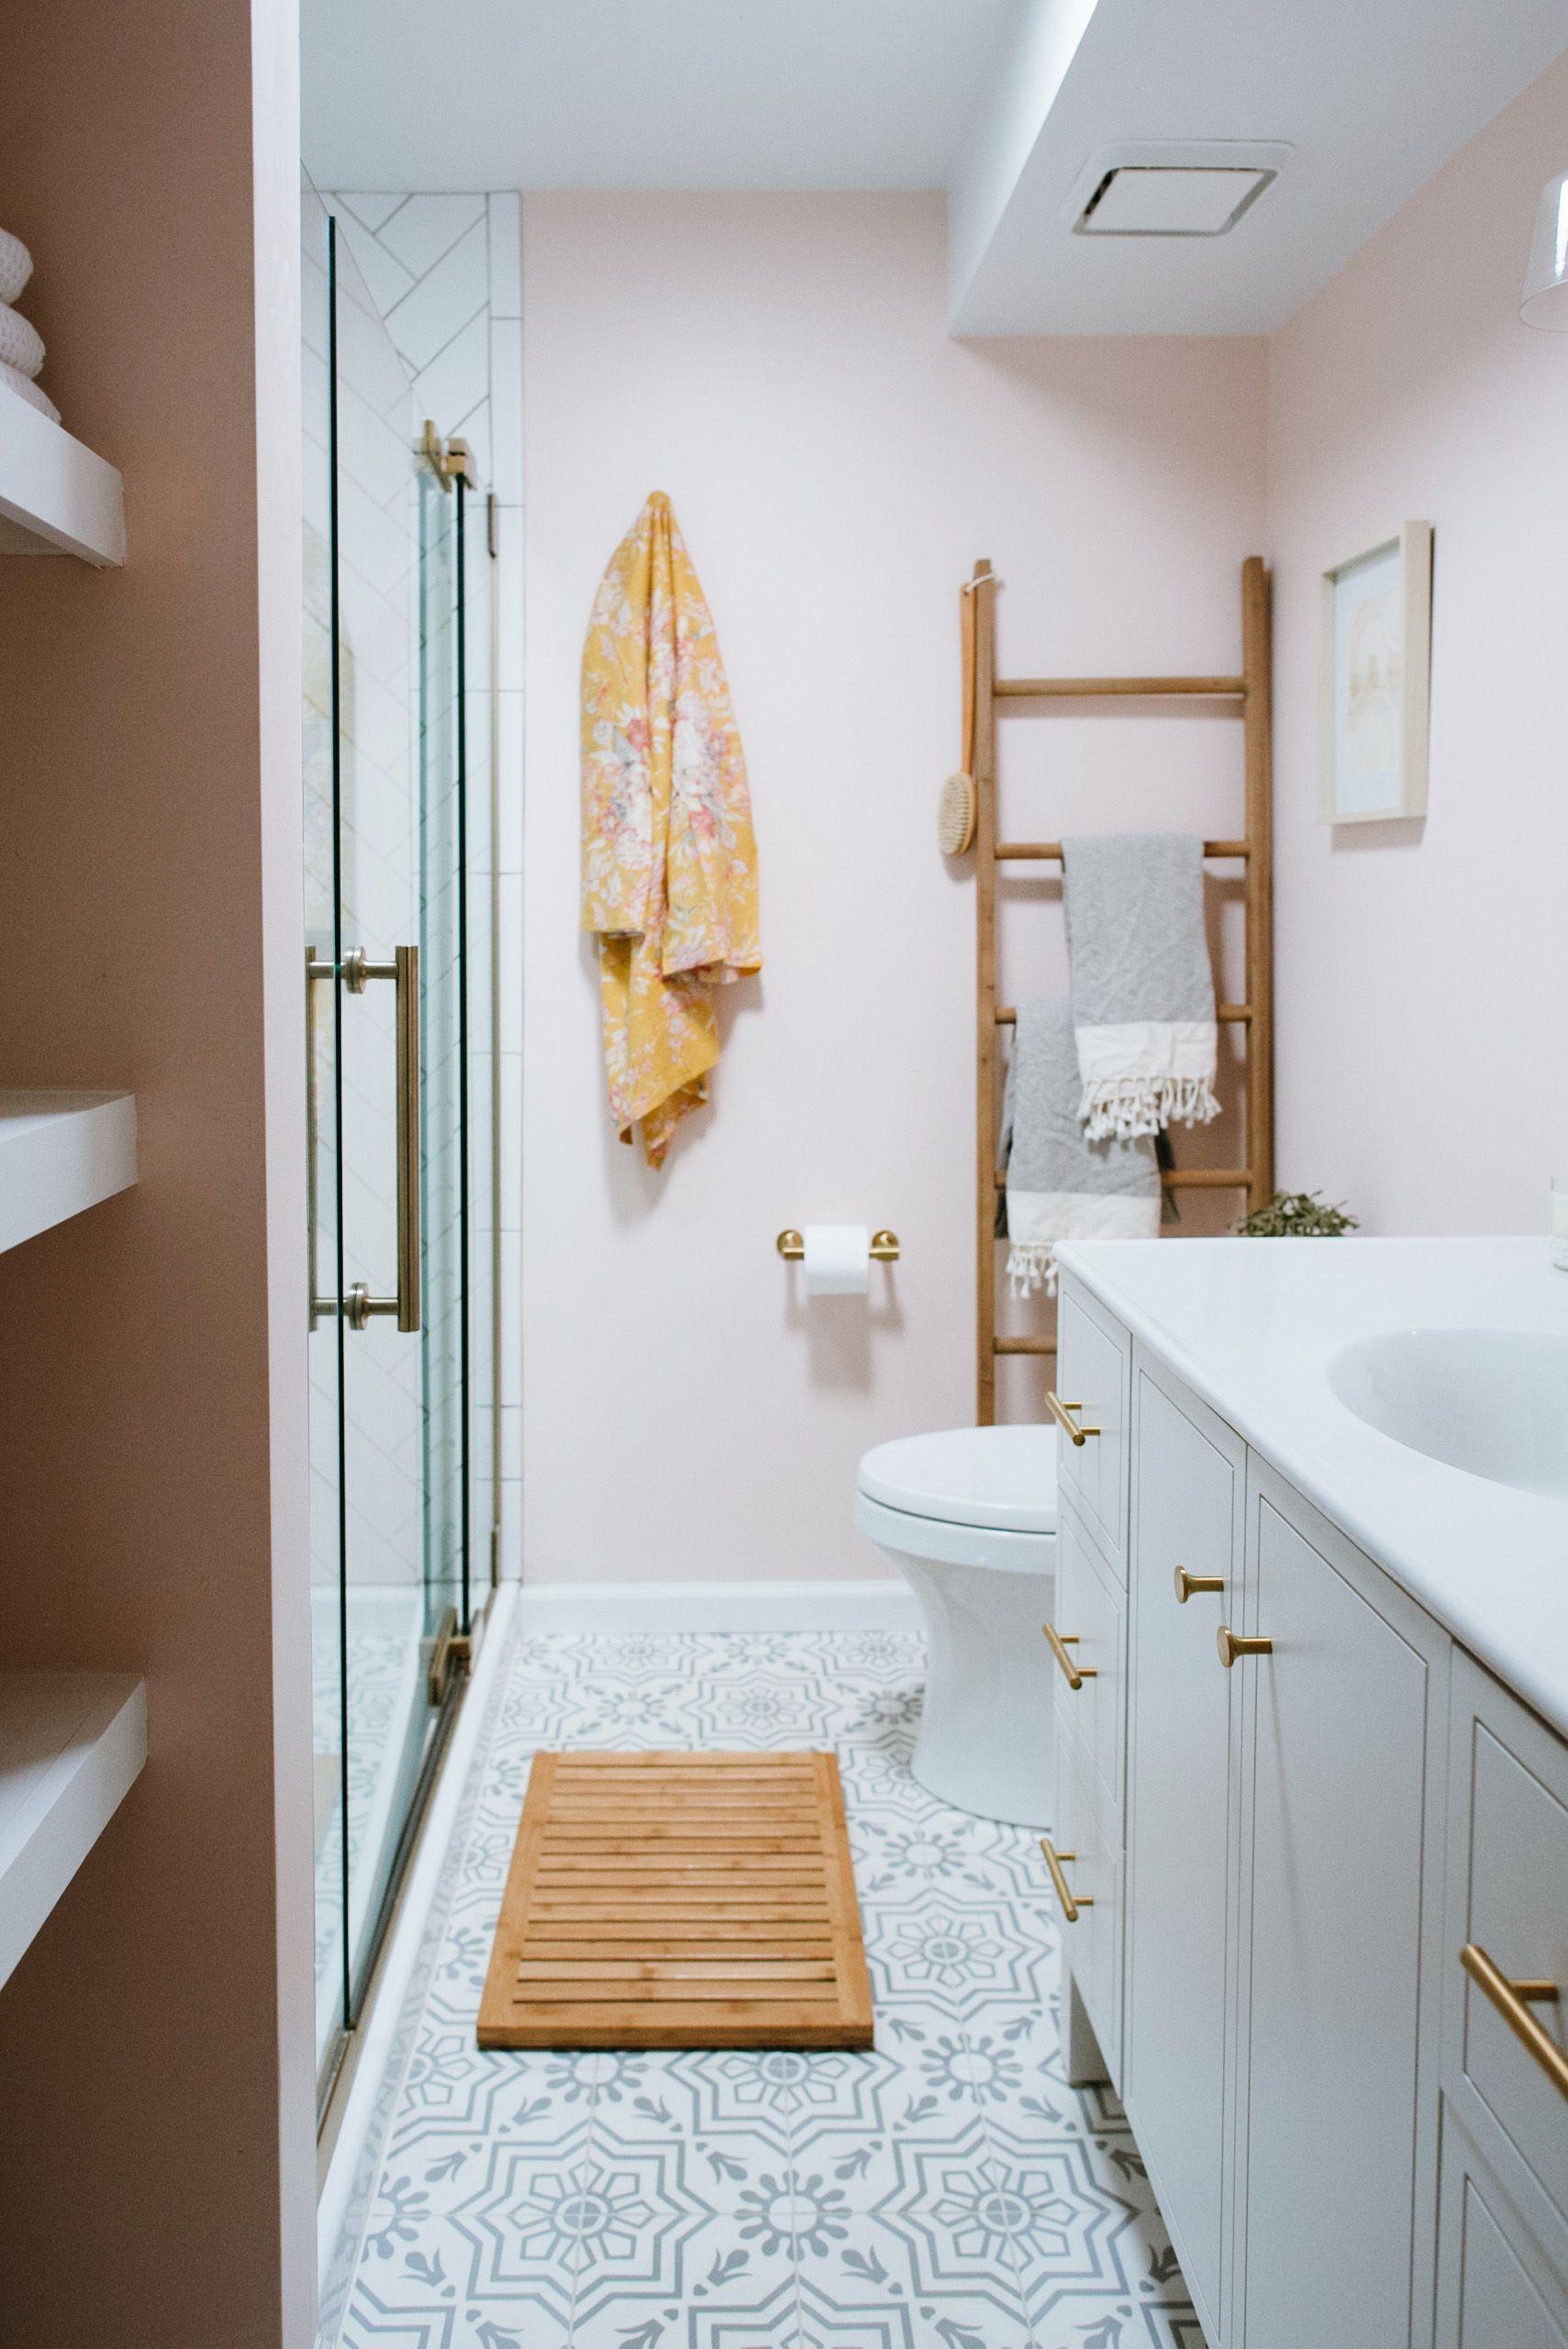 Faucets Kohler Purist Line Vanity Kohler Jacquard Mirror West - Kohler purist bathroom collection